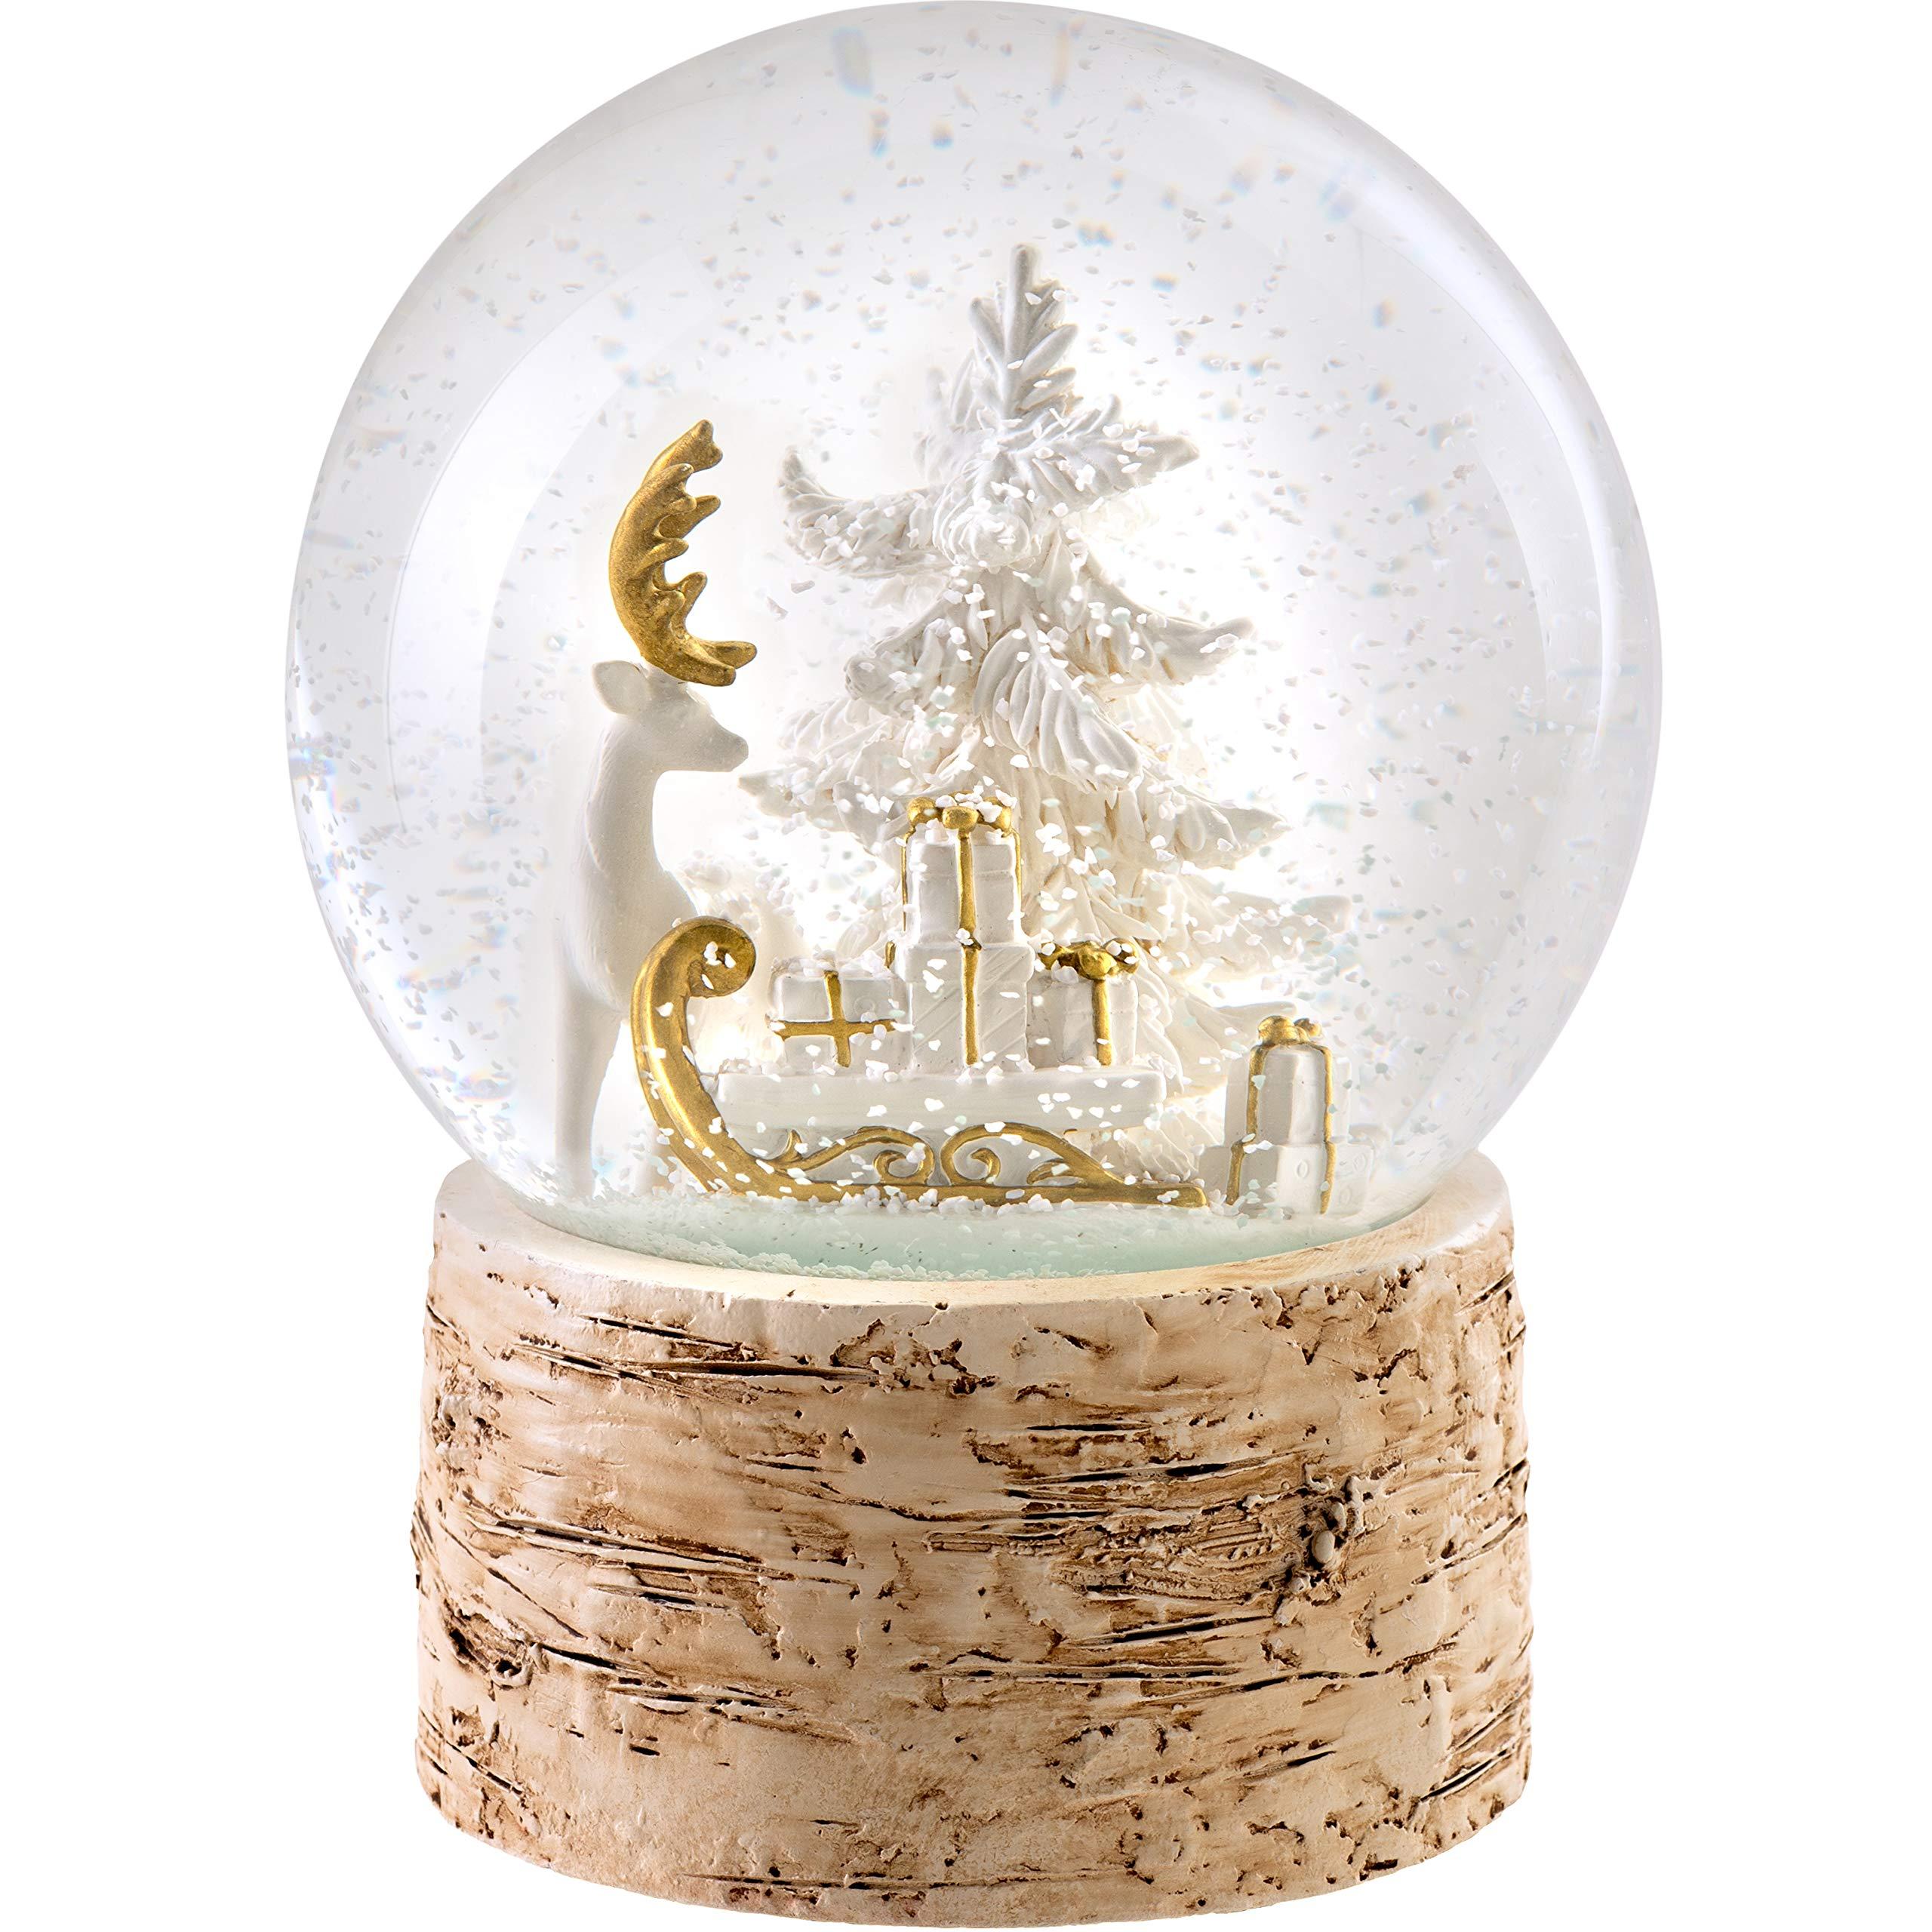 HSE Boule /à neige dhiver de No/ël D/écoration de No/ël